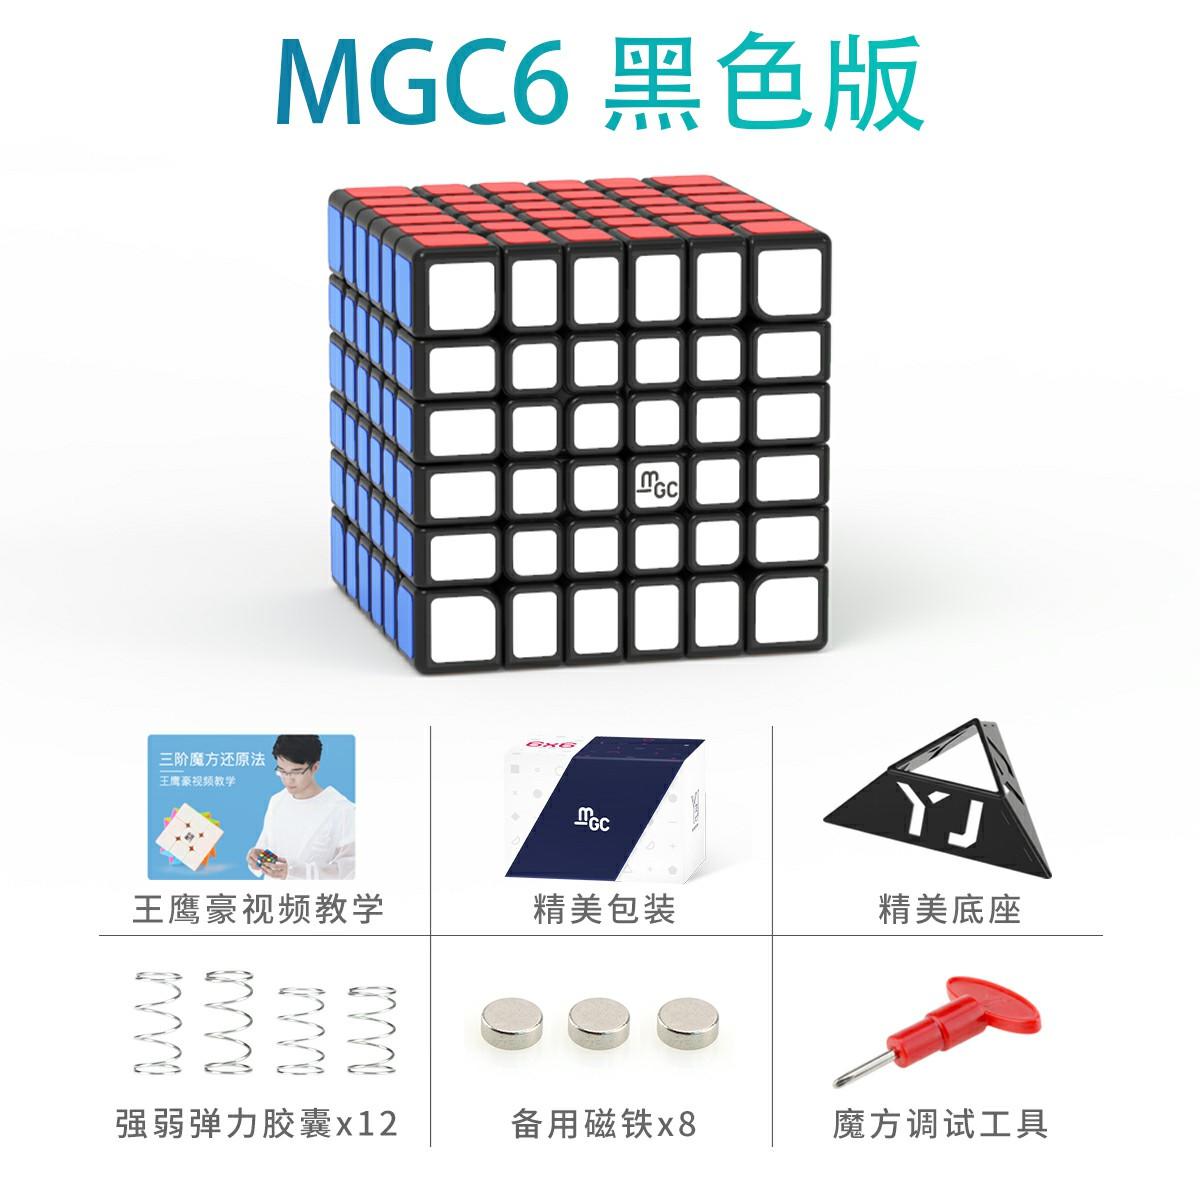 MGC6X6 블랙